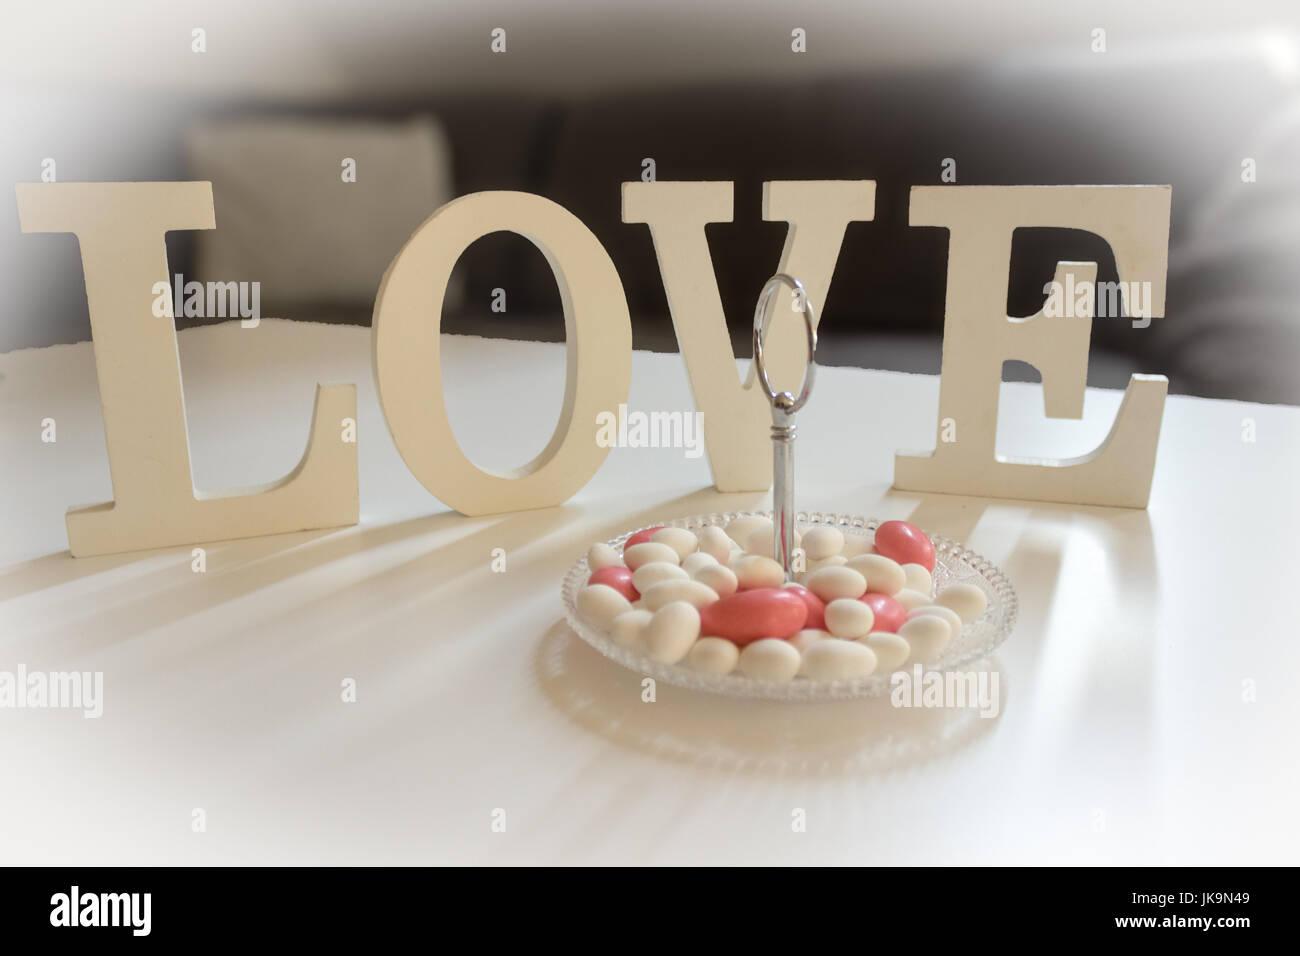 Decorazioni Lettere D Amore una decorazione della tavola con lettere d'amore e dolci